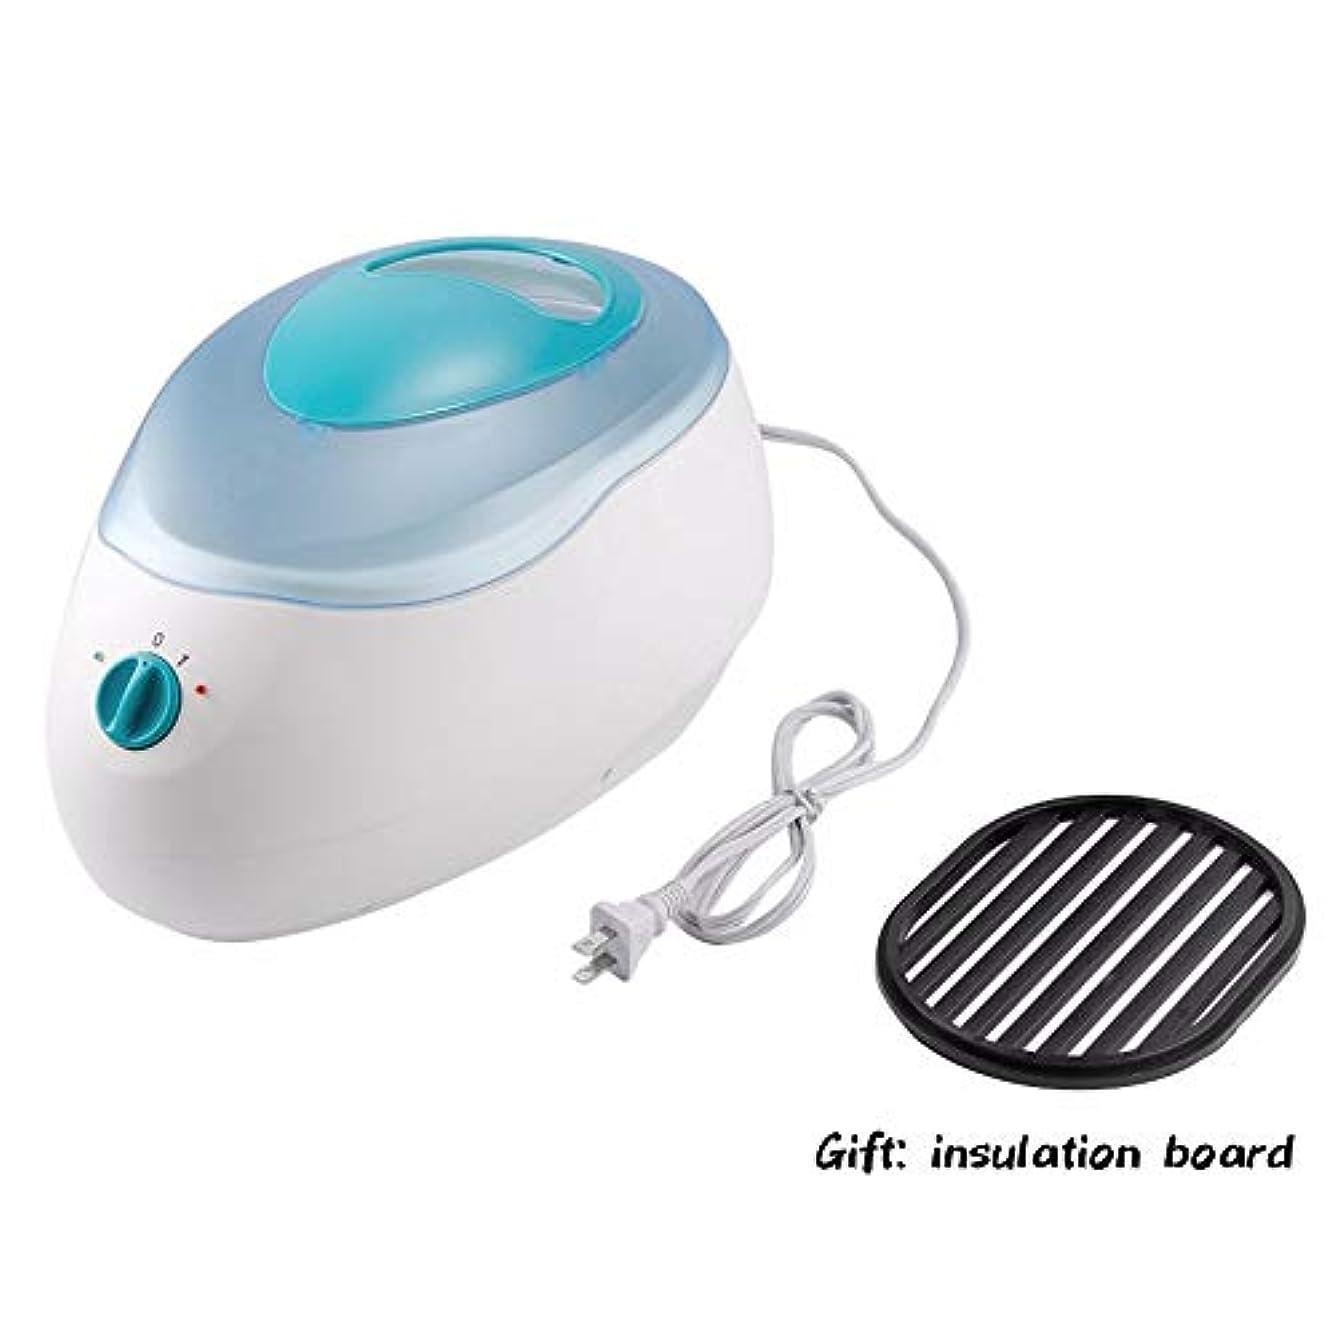 アブストラクト芸術硬化するワックスヒーター機200ワットパラフィンヒーター療法浴室ワックスポットヒーター美容院スパ2レベル制御機用スキンケアツール